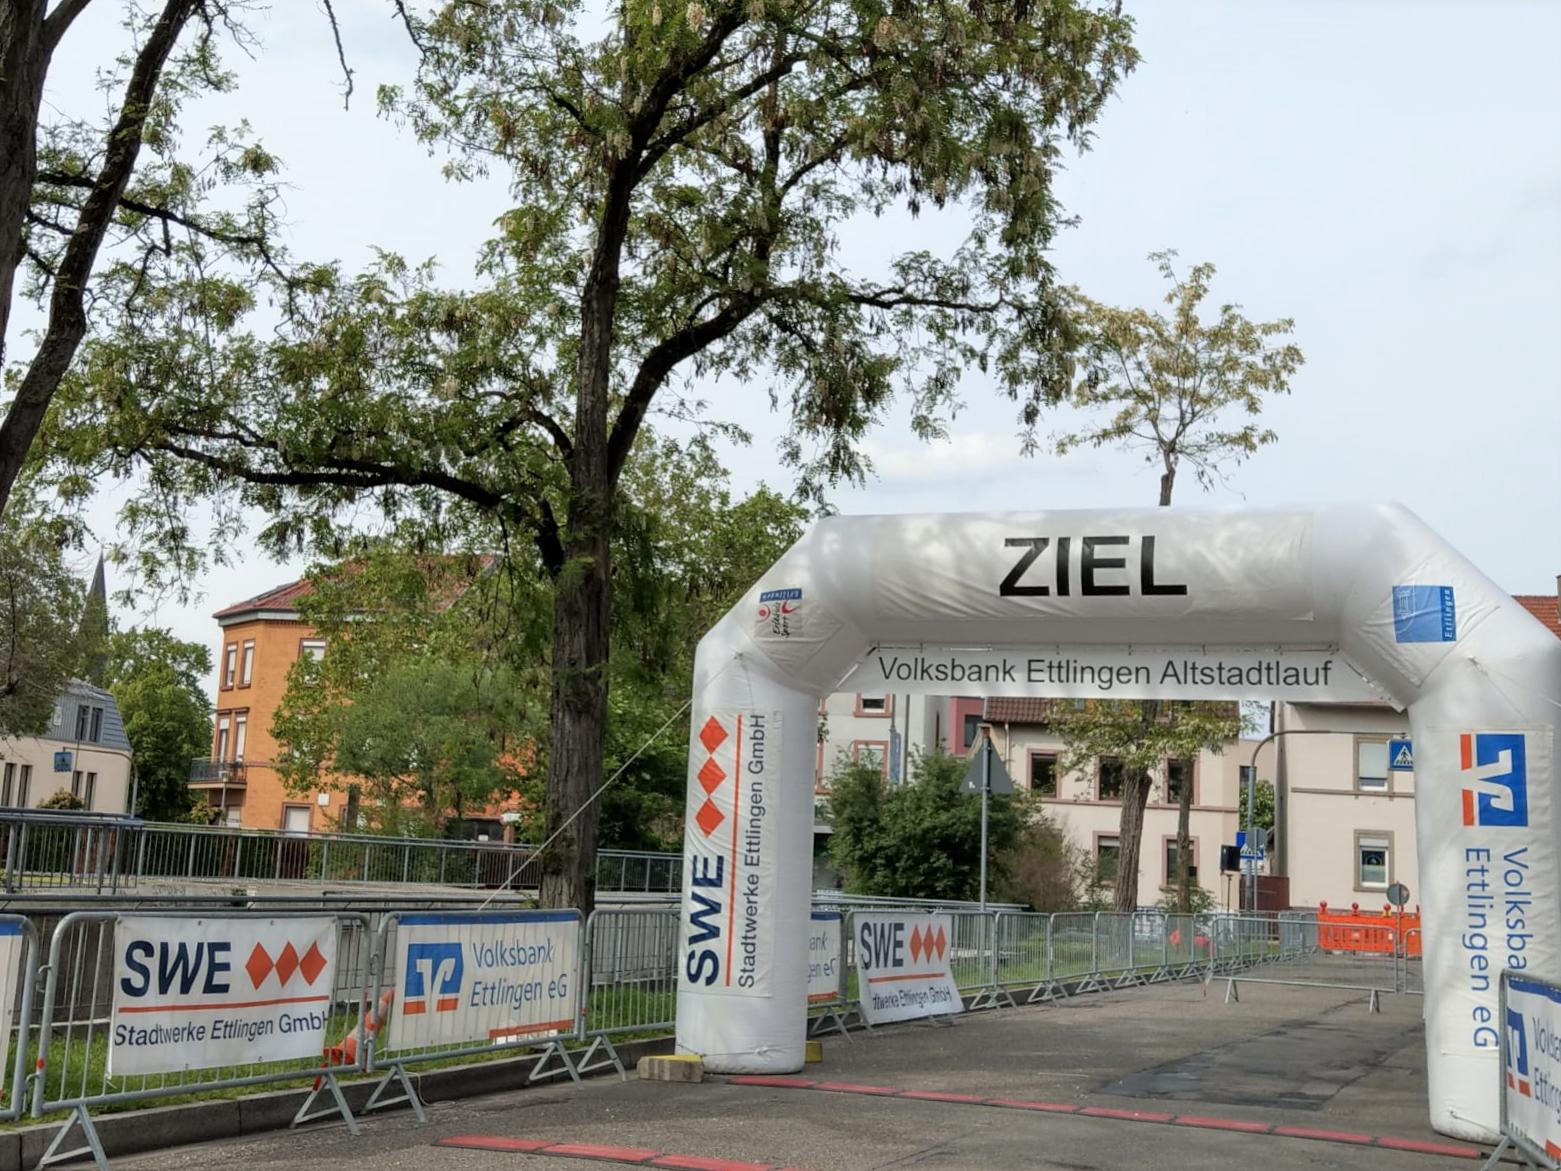 Ziel des Volksbank Ettlingen Altstadtlaufs